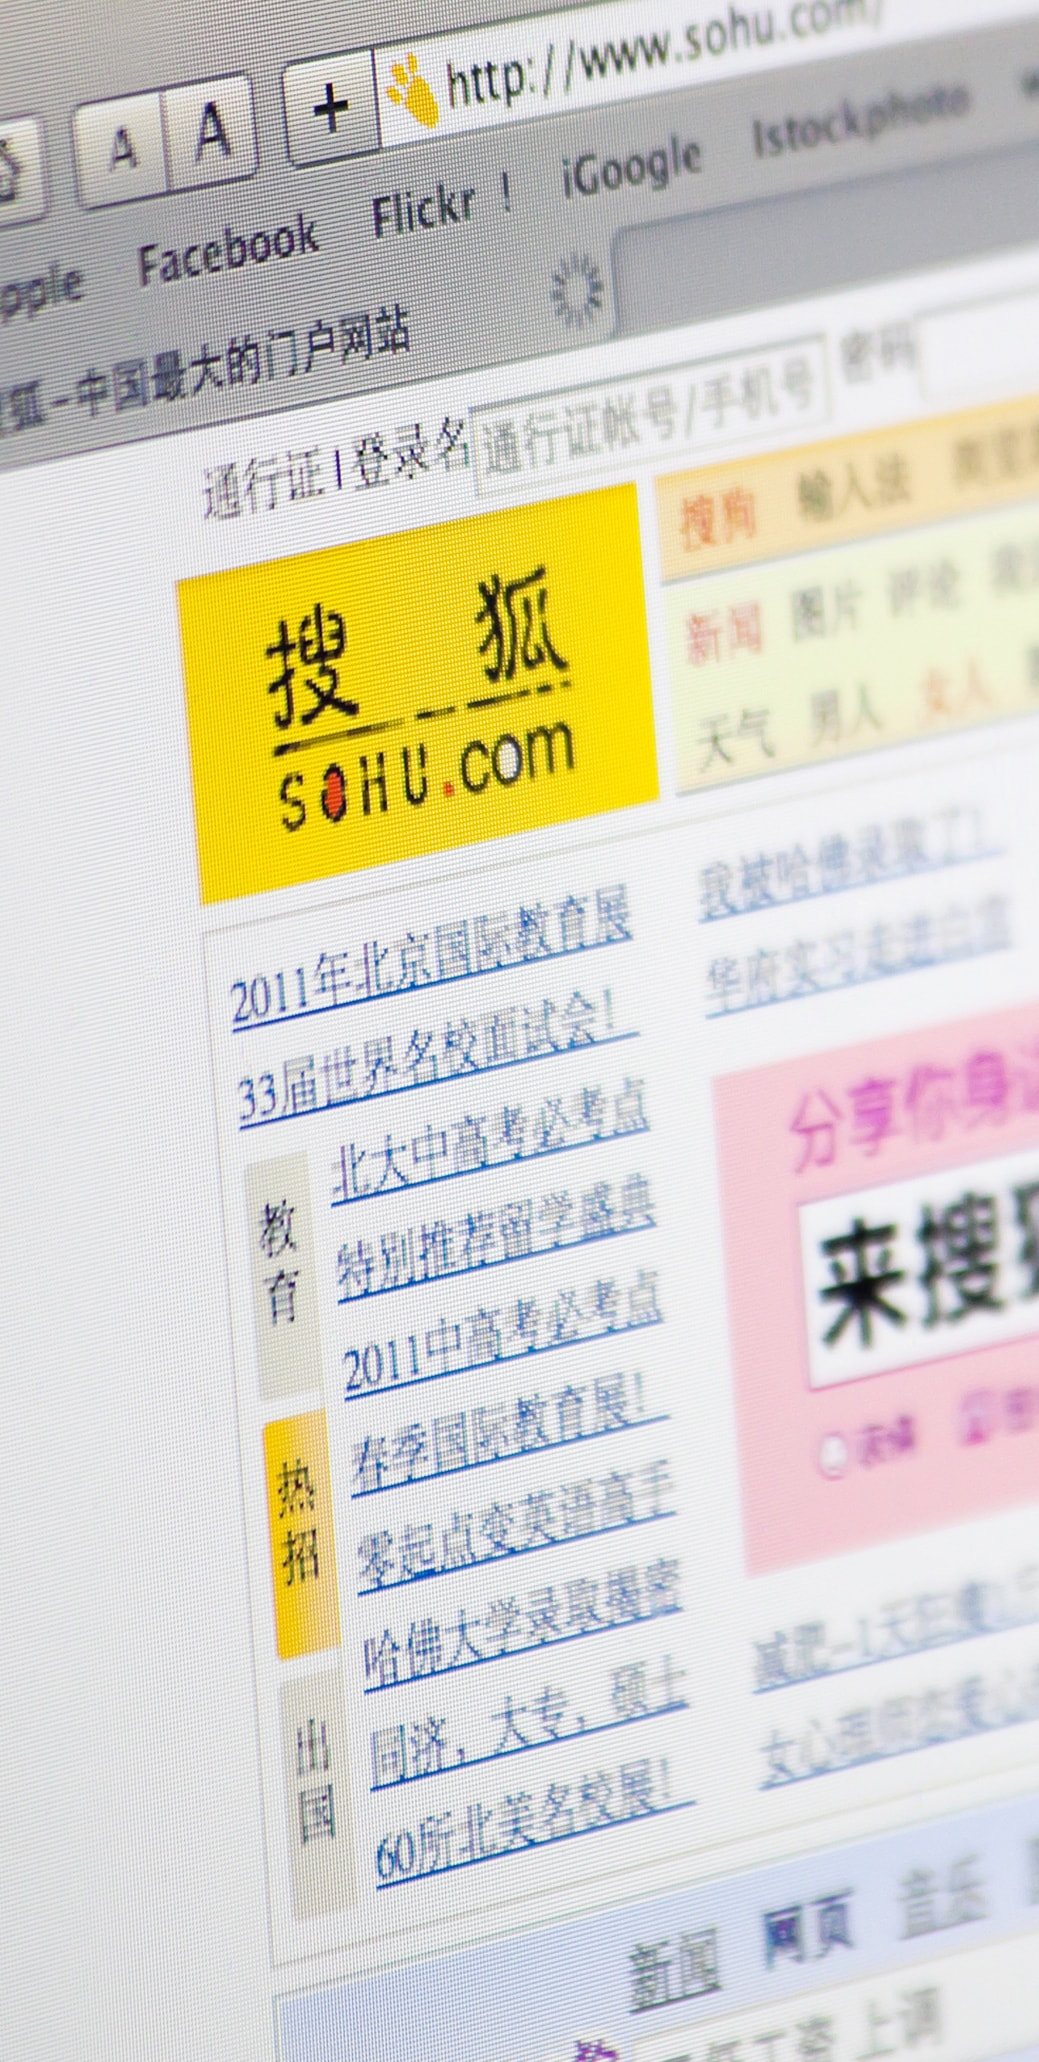 fluently/2020-12-17-2we311vkiszxtzs-PjpwSmZ2H-iStock-458676971-min.jpg